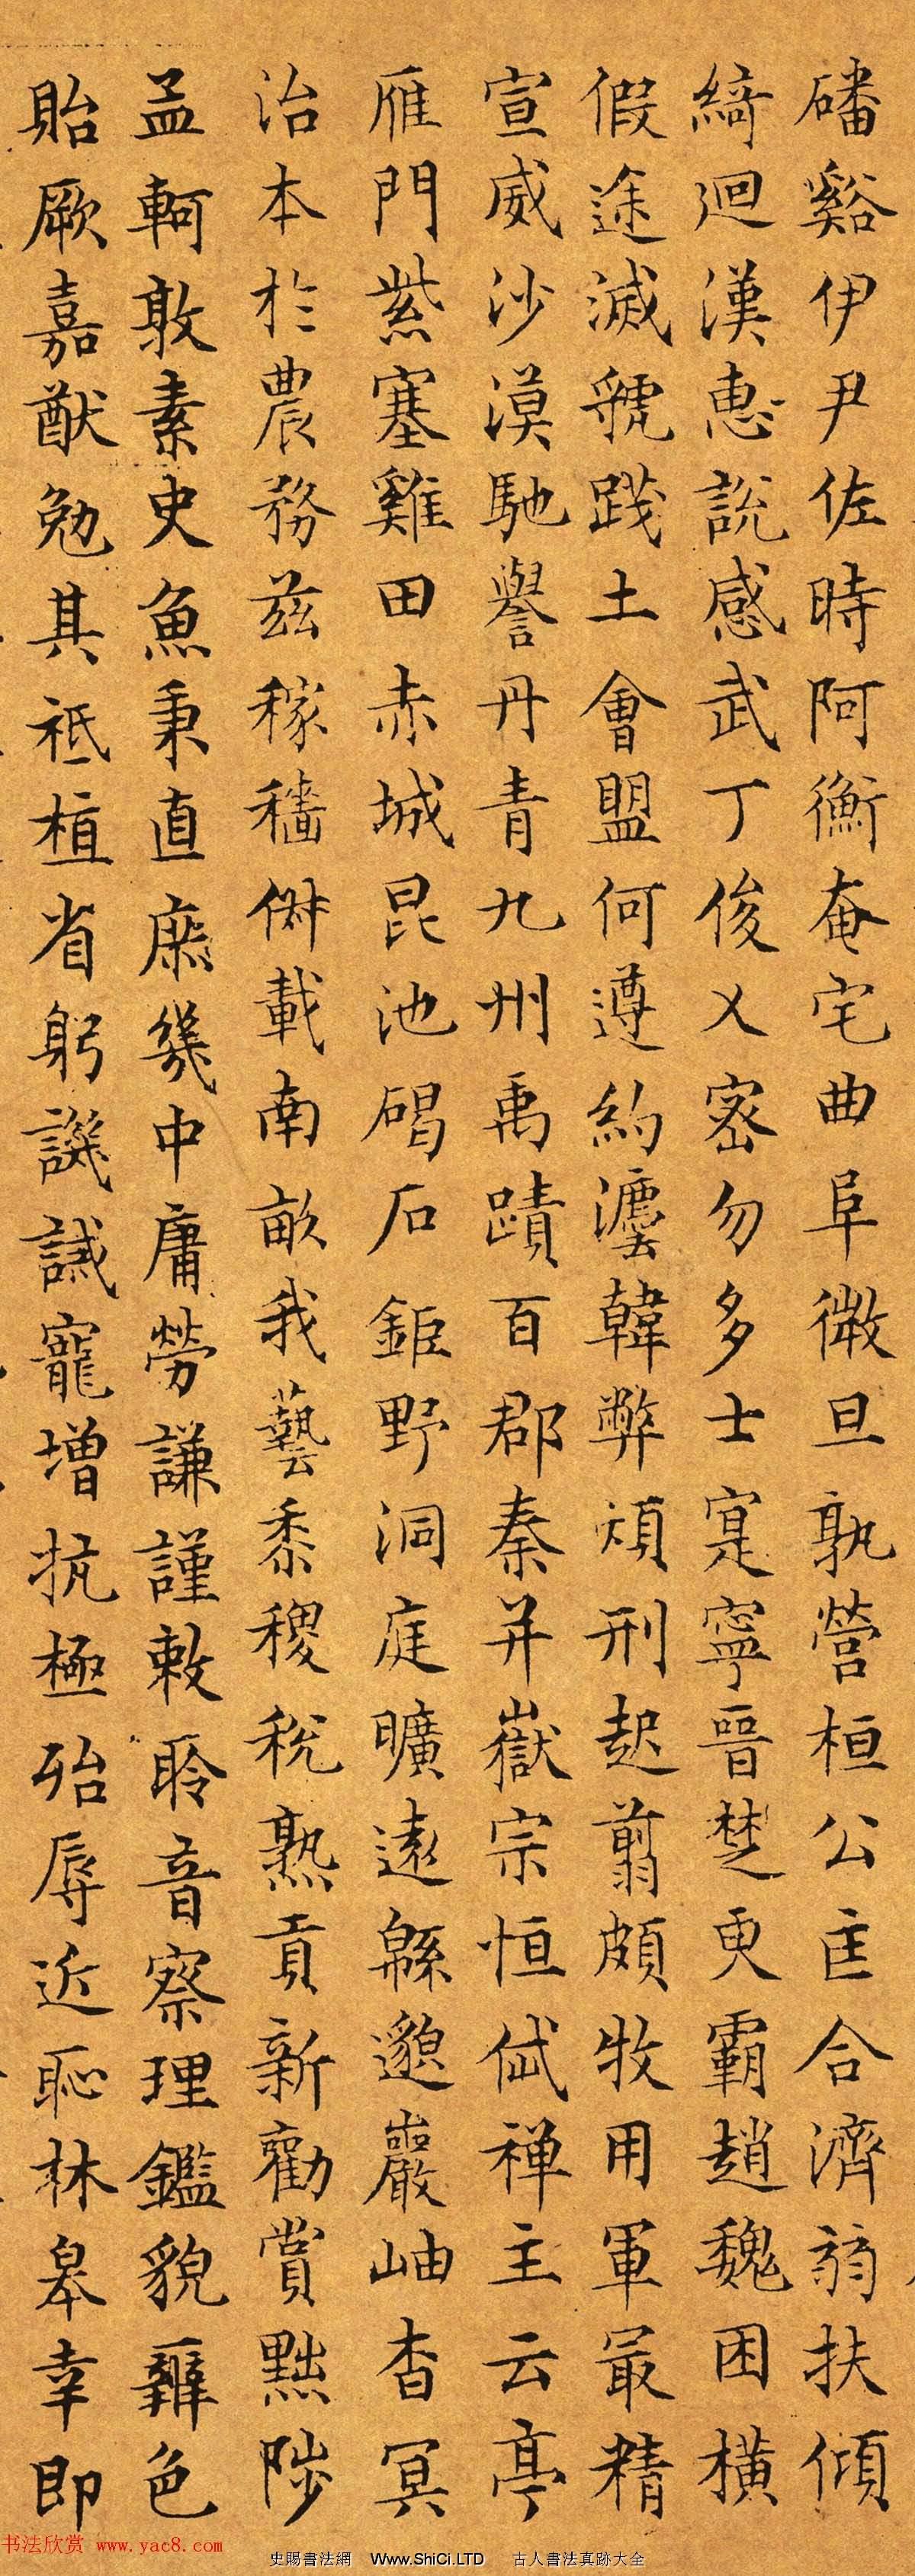 大書法家文征明66歲小楷千字文